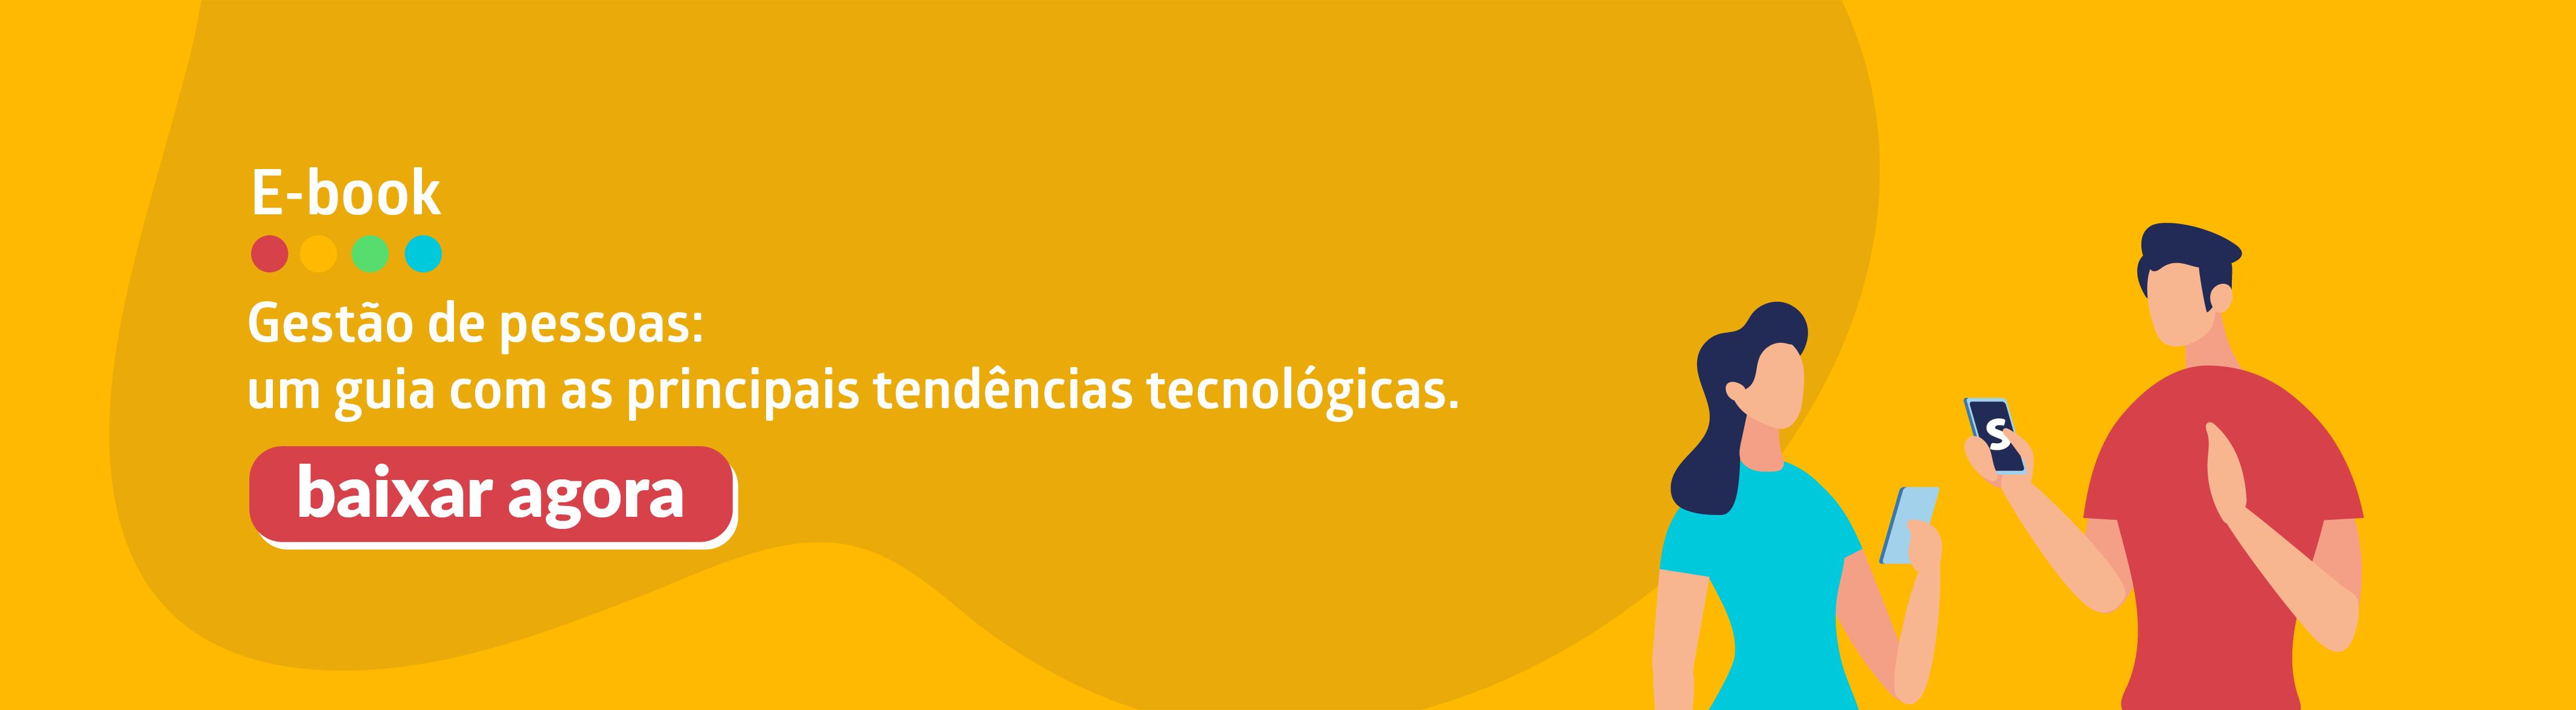 Banner_Gestao_de_pessoas_Guia_Principais_Tendencias_Tecnologicas